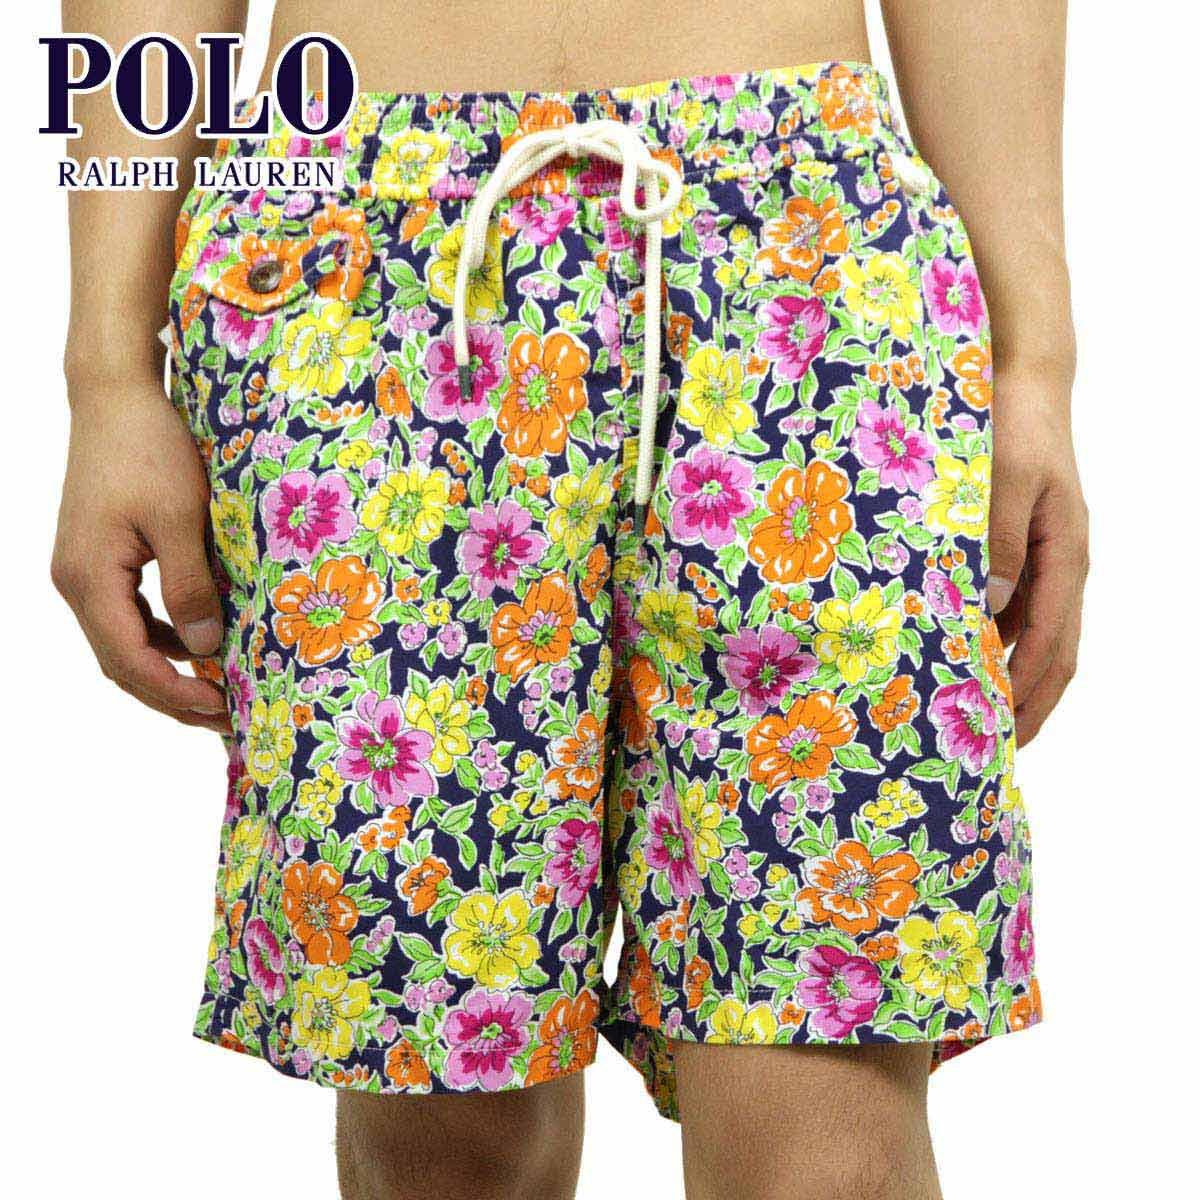 ポロ ラルフローレン POLO RALPH LAUREN 正規品 メンズ スイムパンツ Traveler Floral Swim Shorts D20S30